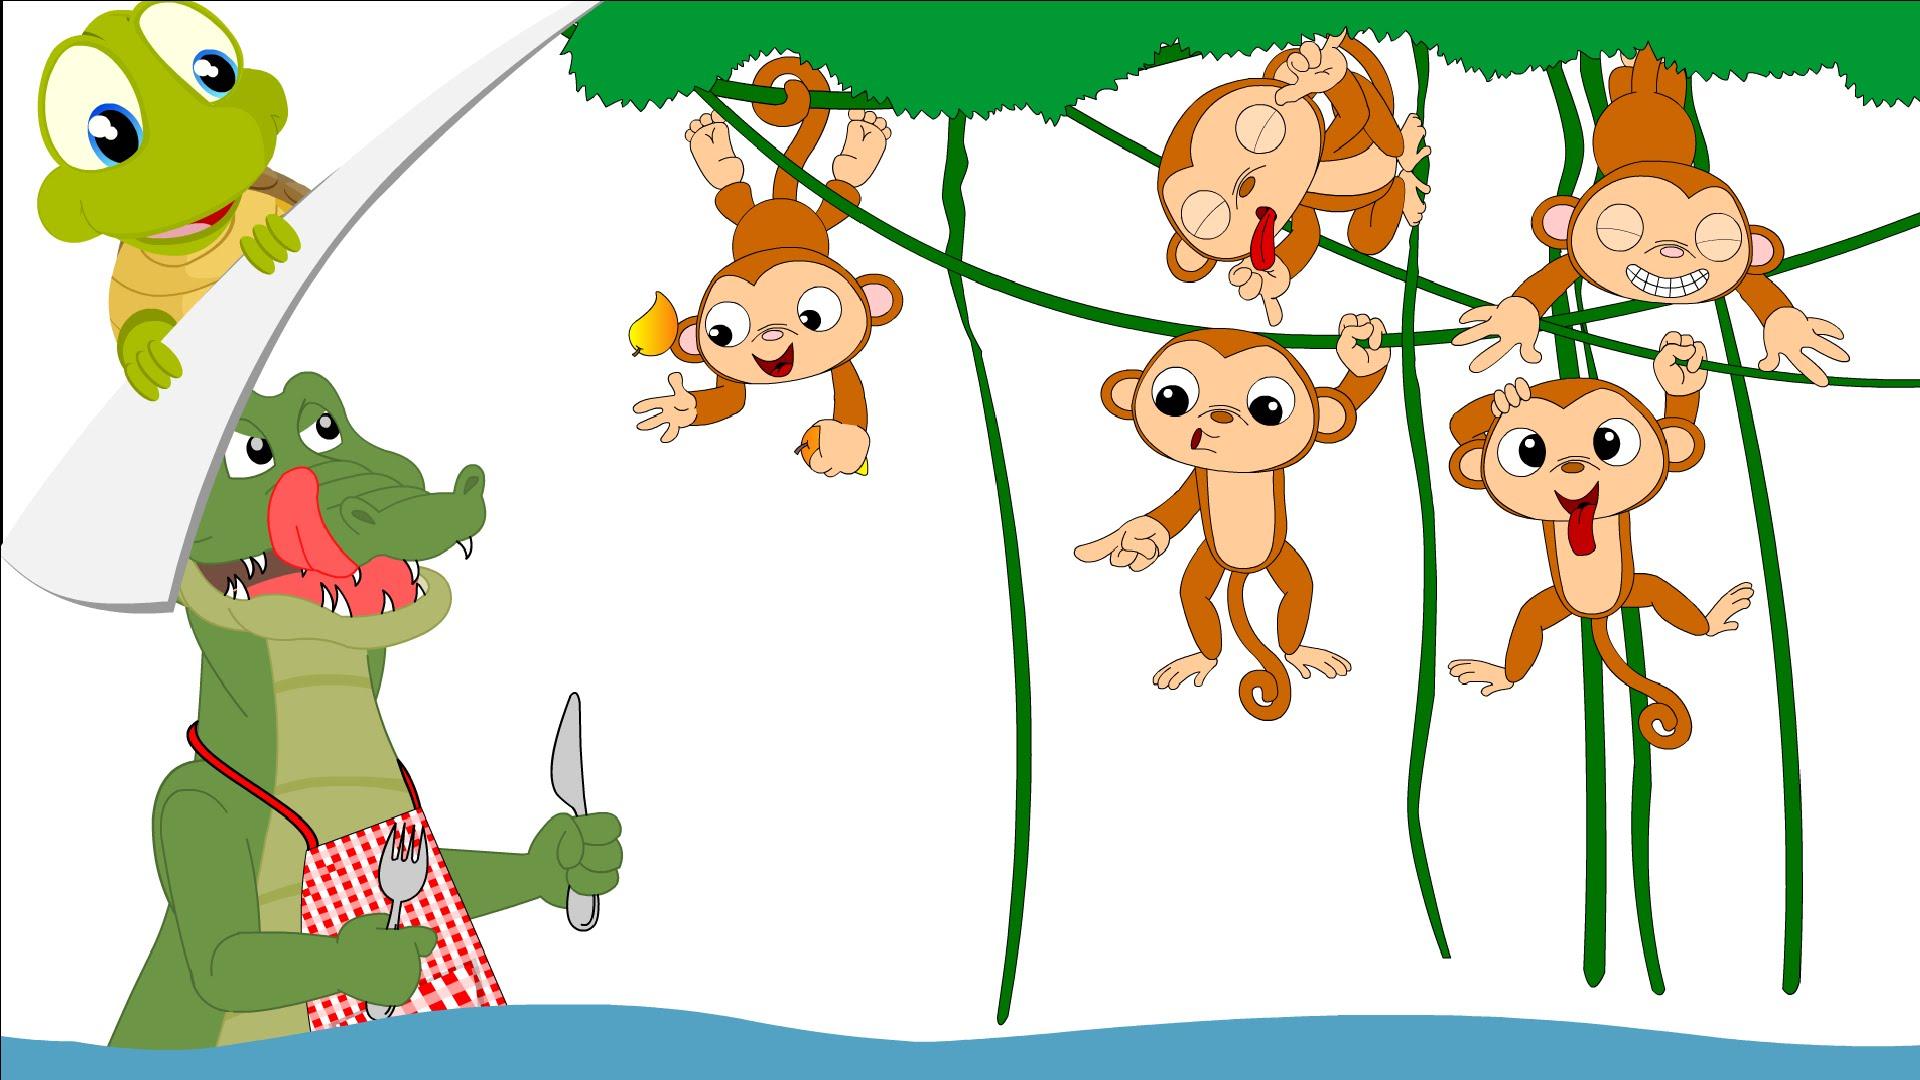 Five little monkeys nursery rhyme.